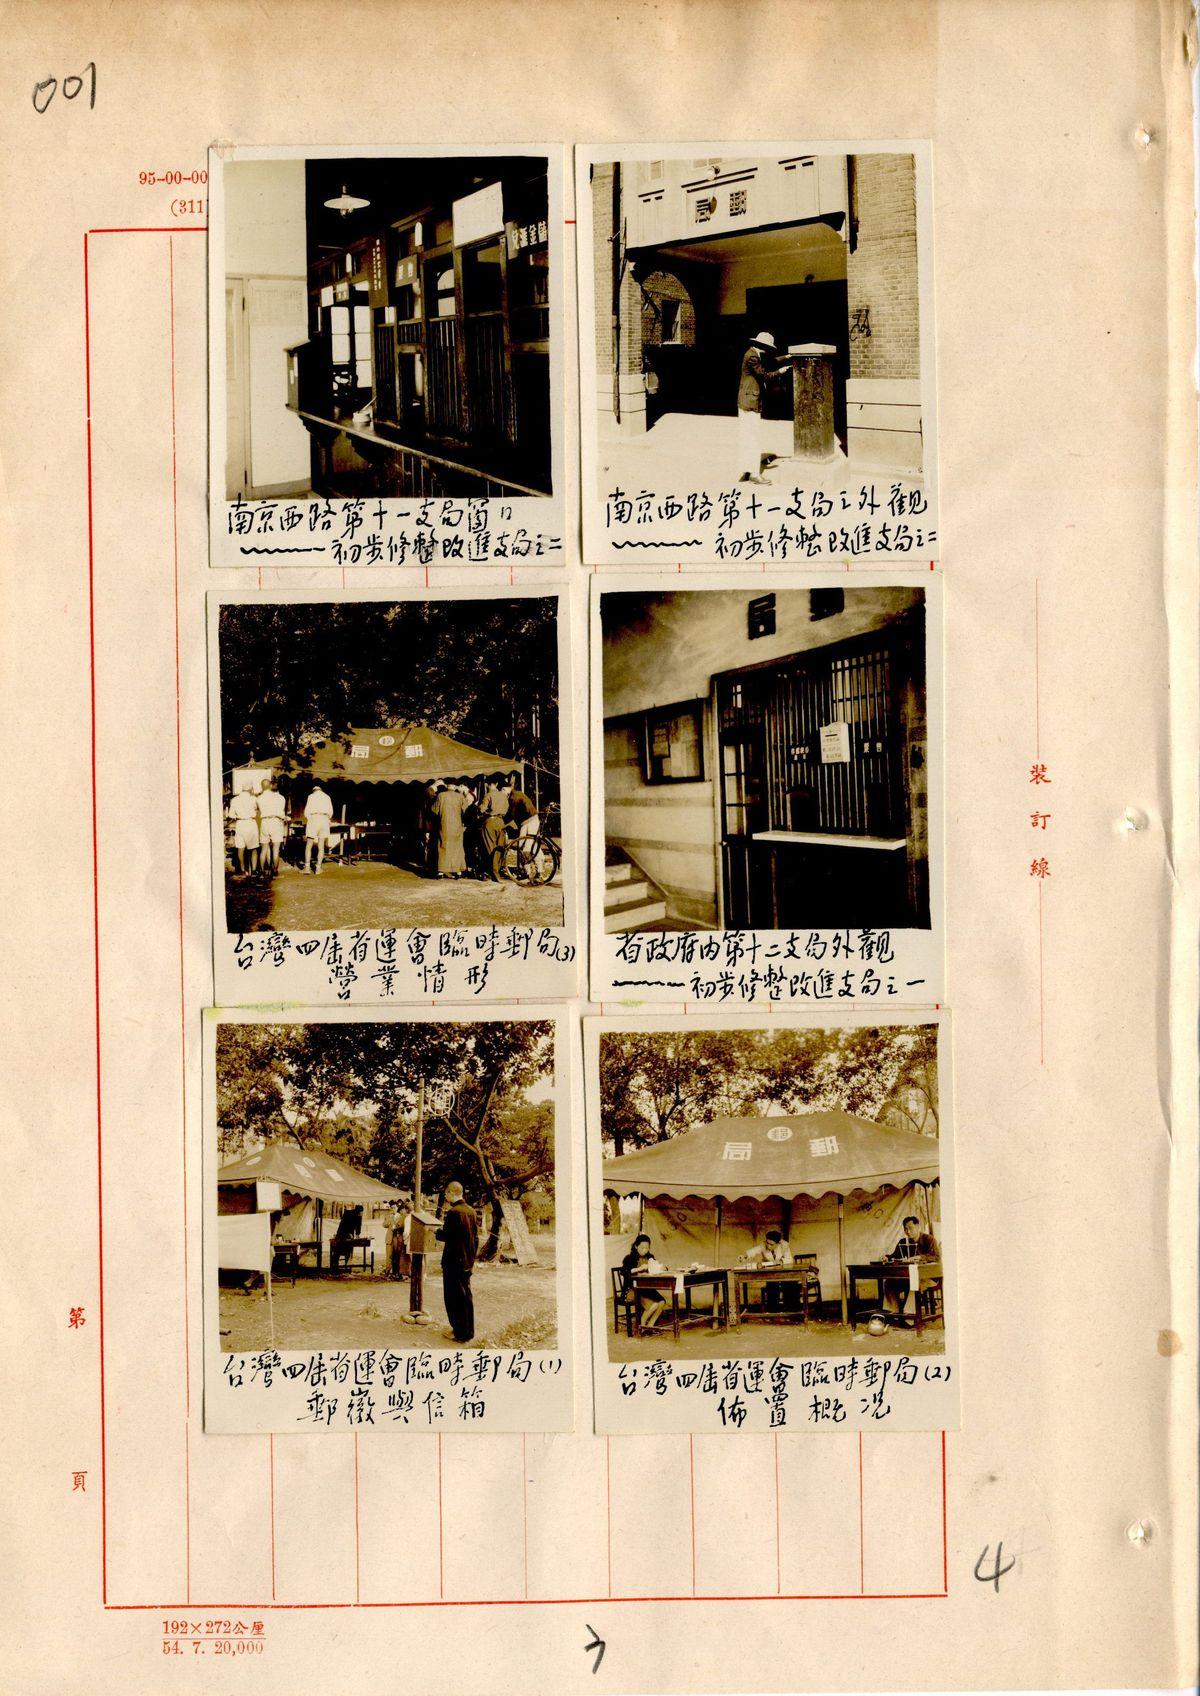 中華郵政股份有限公司檔案歡迎利用!